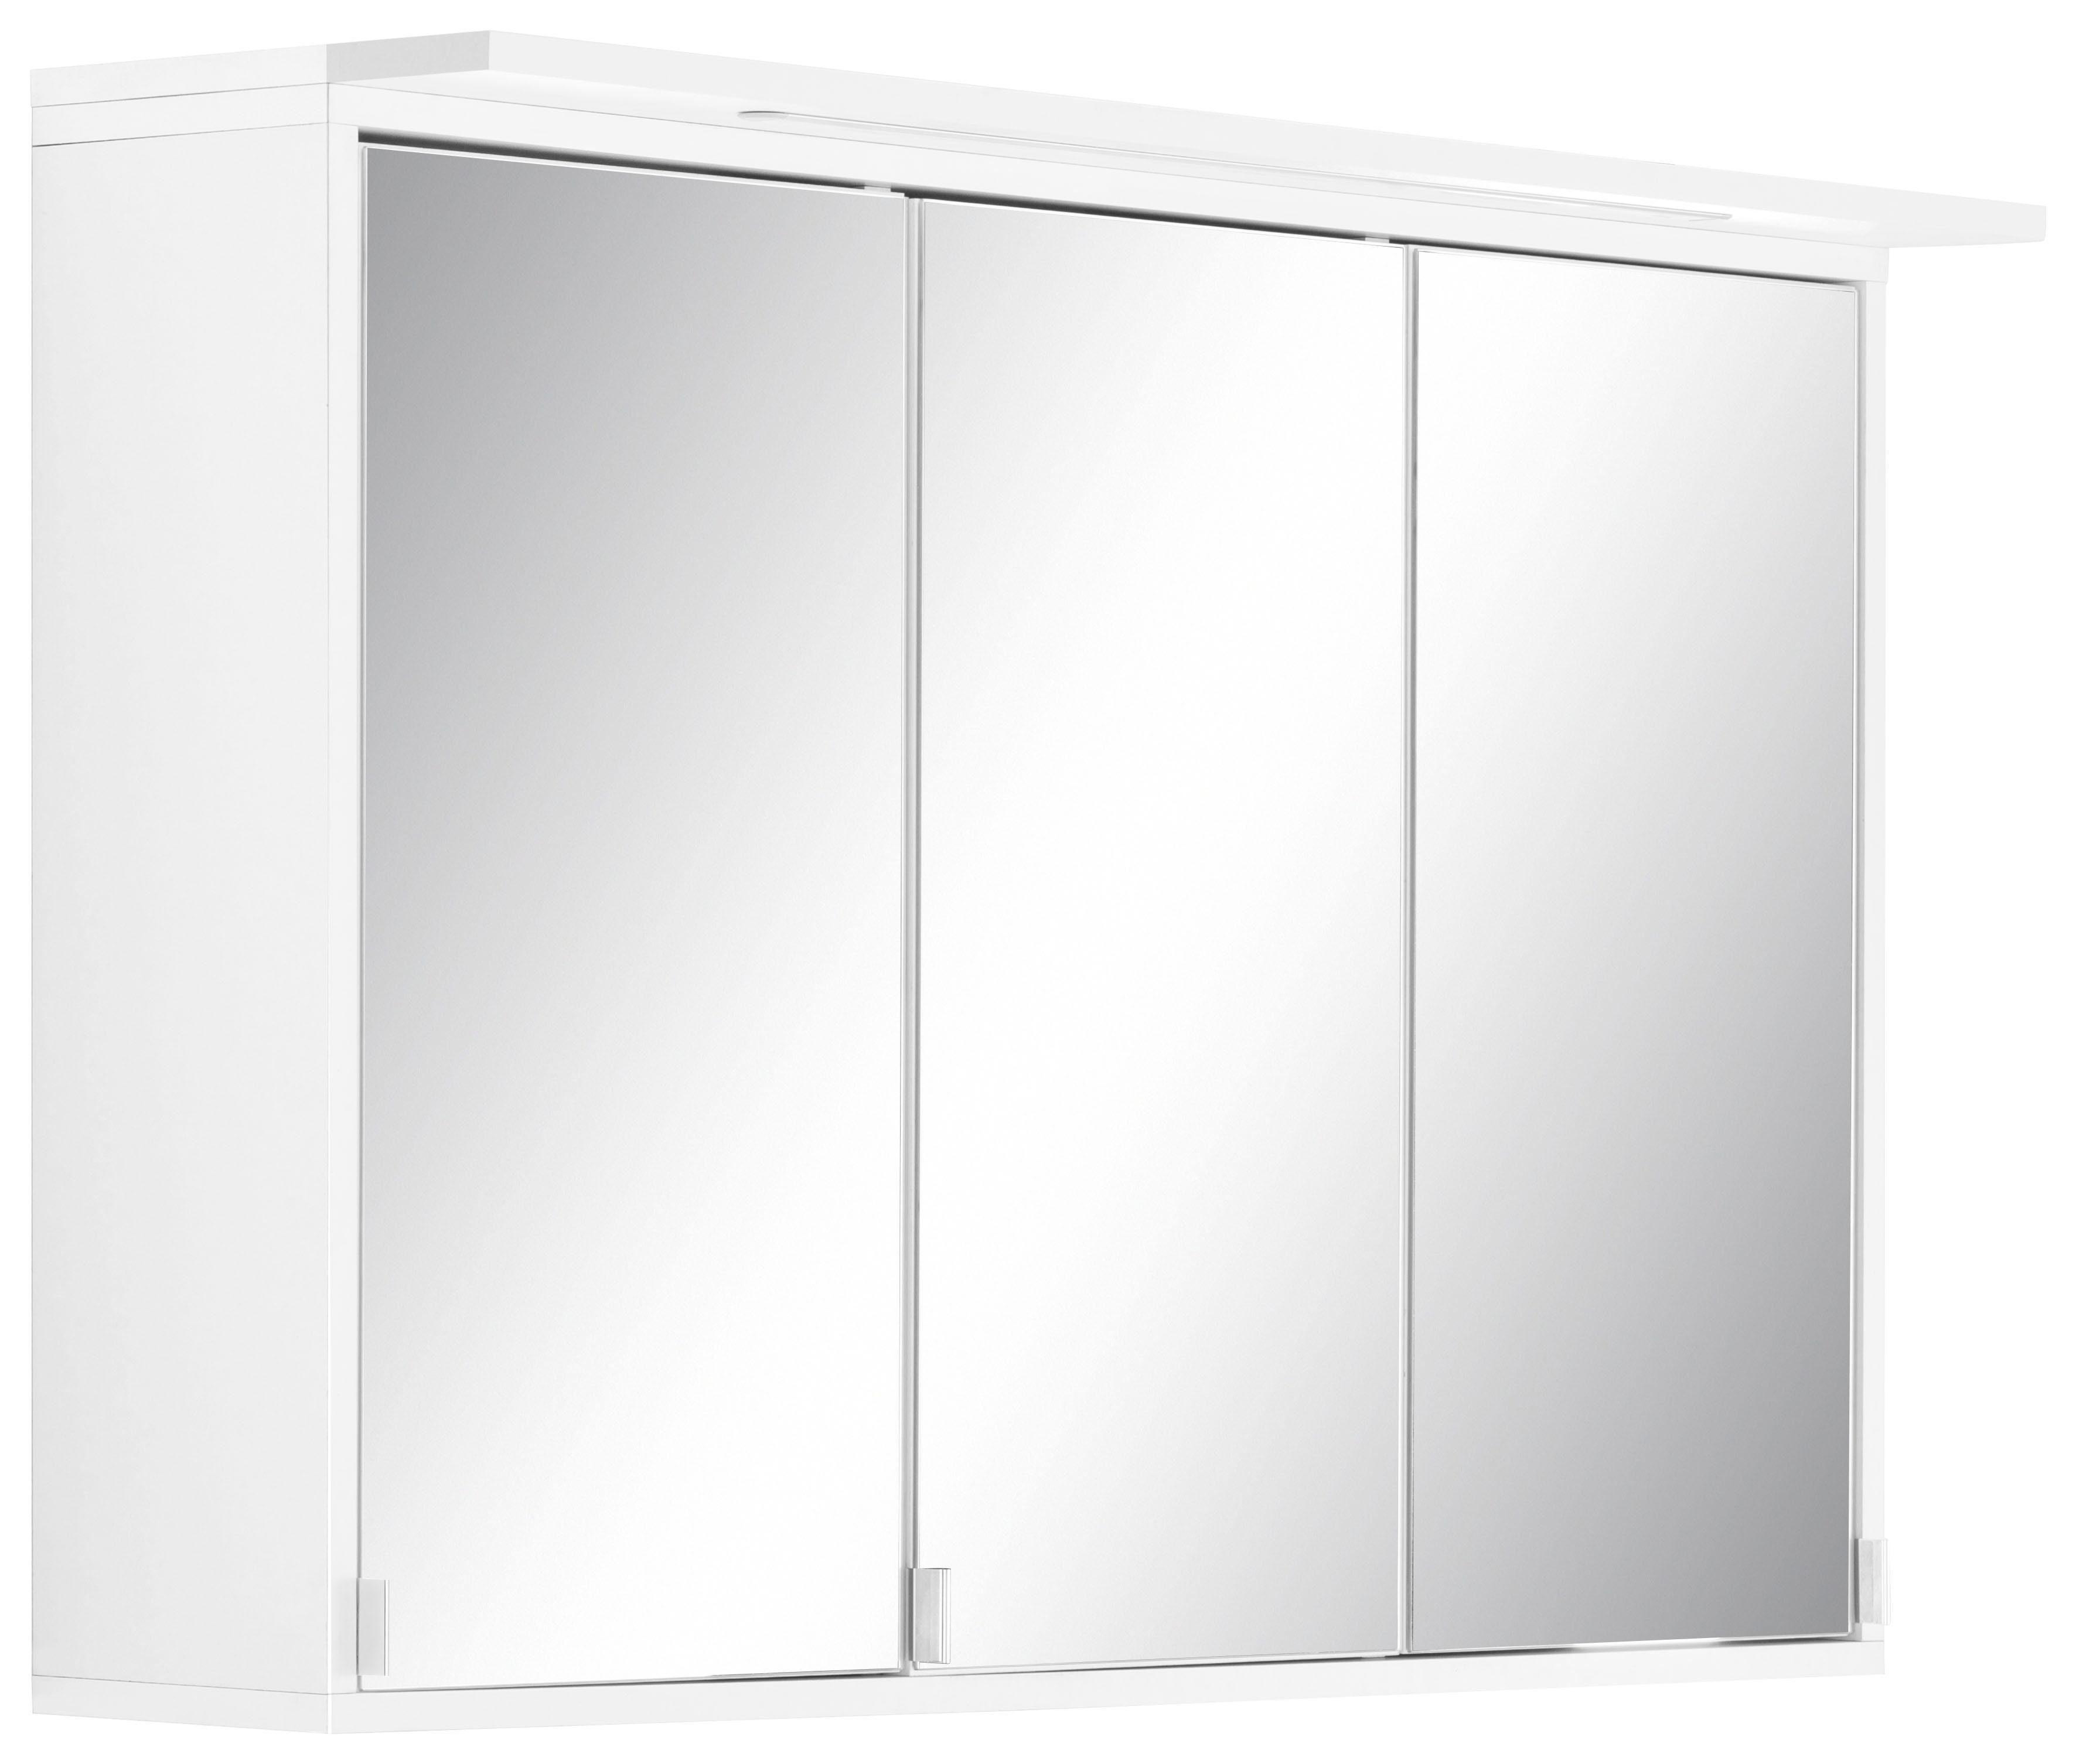 Held Möbel Spiegelschrank »Lier« mit LED Beleuchtung